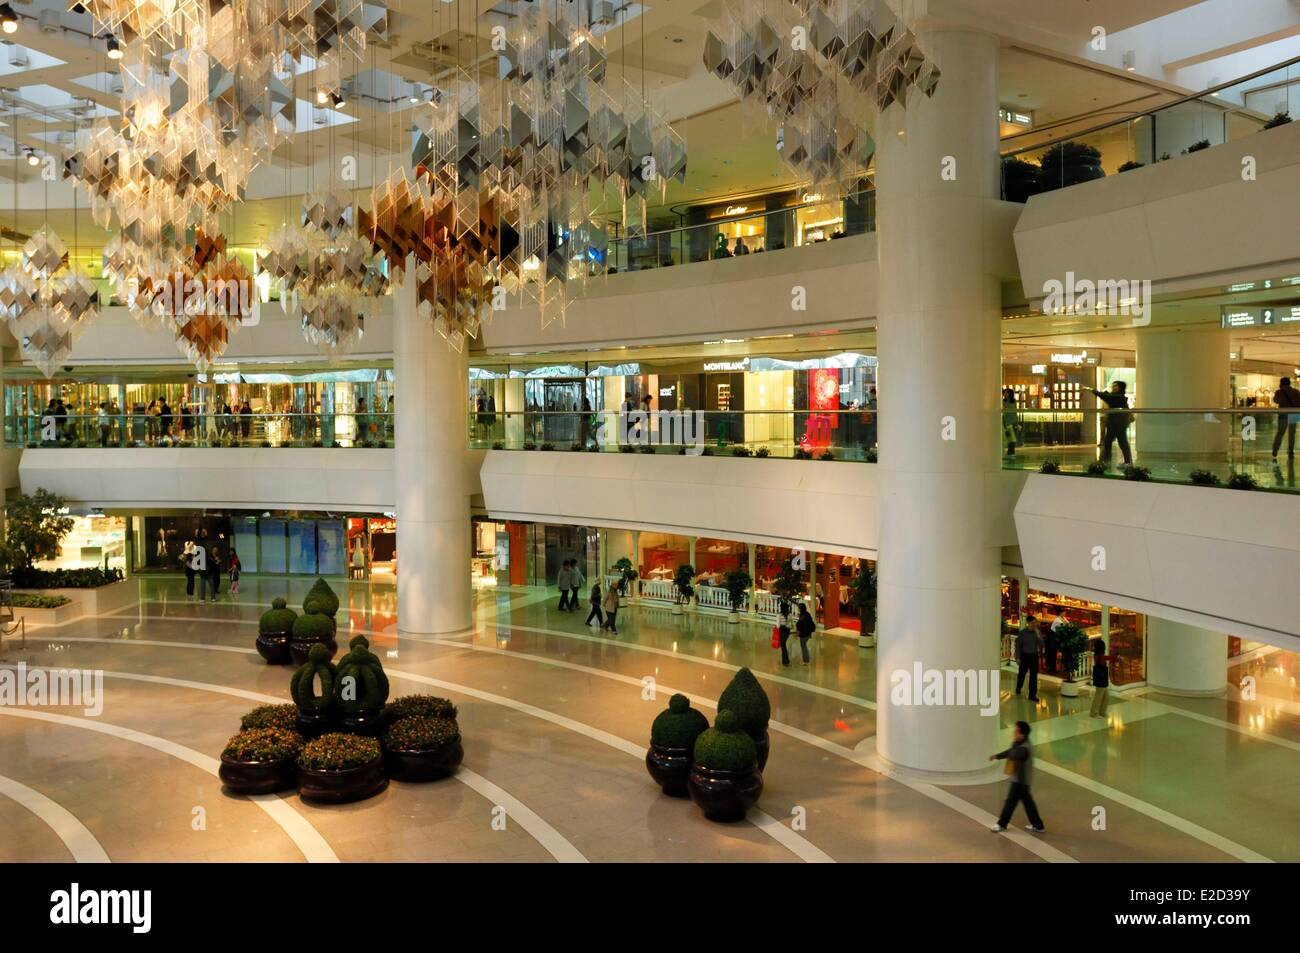 China Hong Kong 2 Pacific Place mall